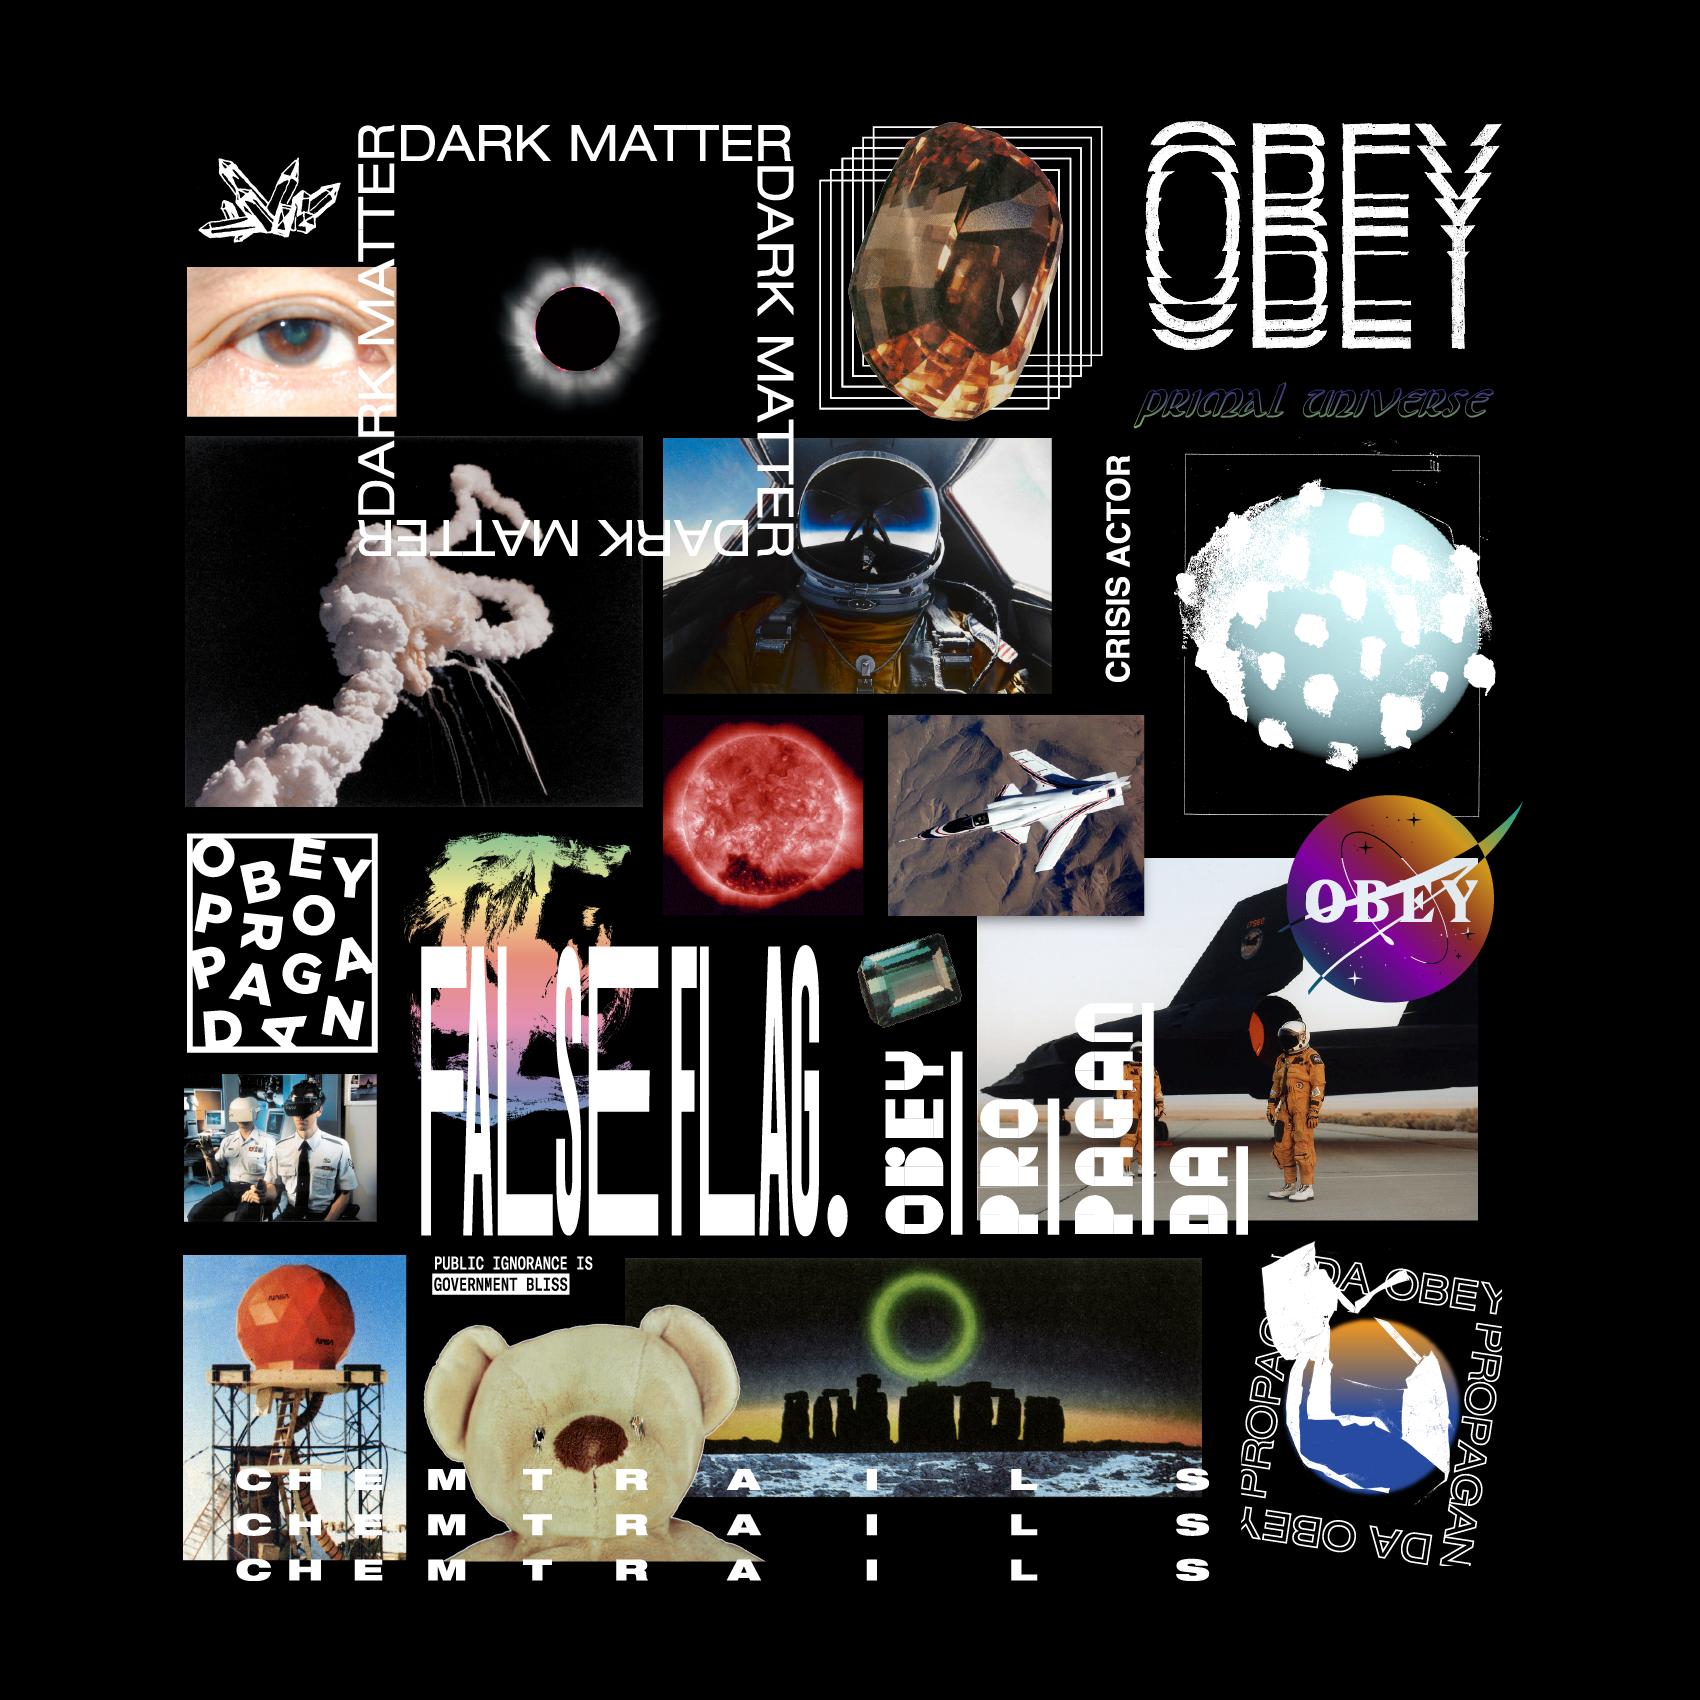 OBEY-03